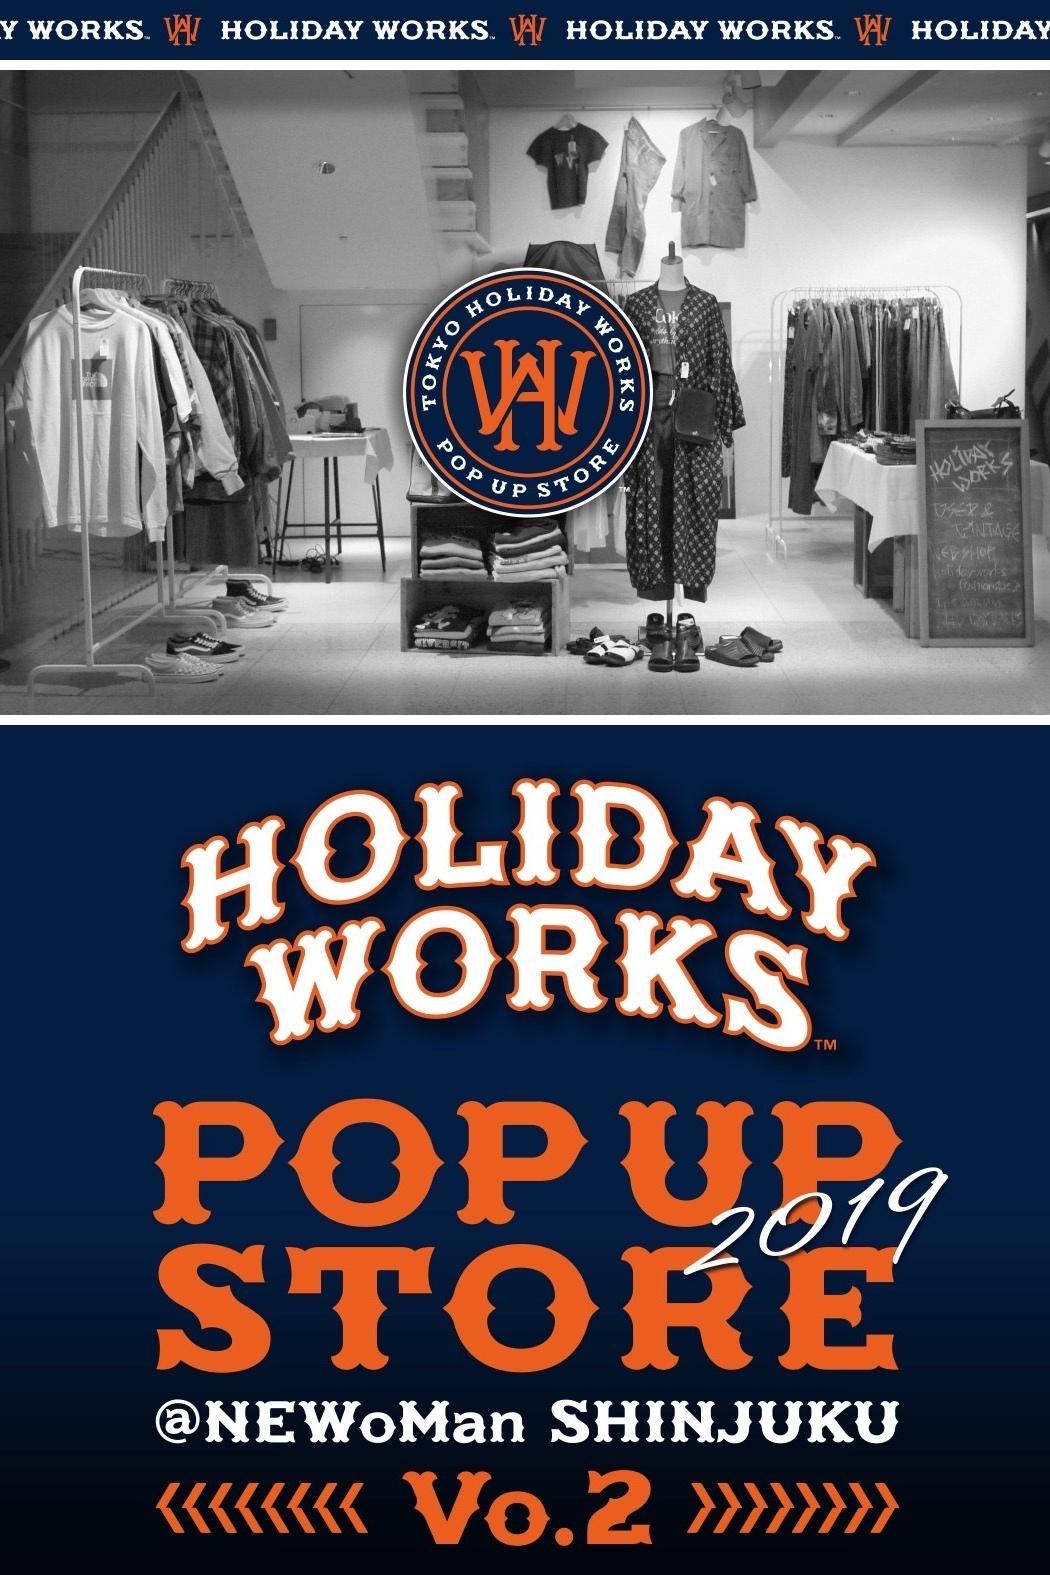 寒い冬はお気に入りの古着と過ごそう。HOLIDAY WORKSがポップアップストアを開催します。